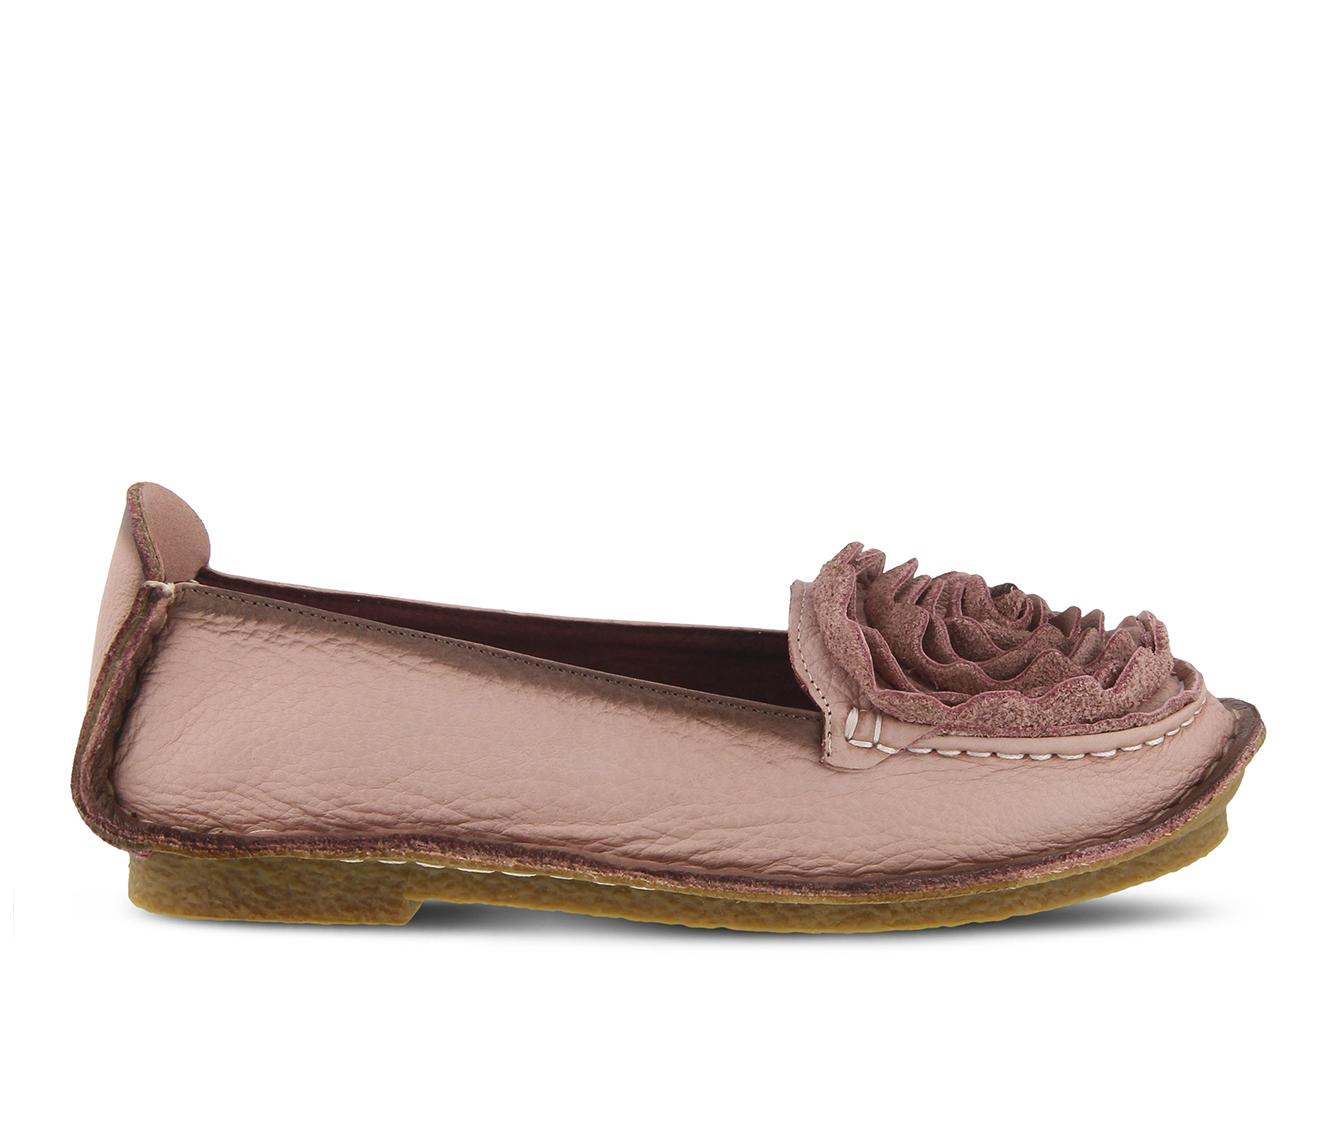 L'Artiste Dezi Women's Shoe (Pink Leather)